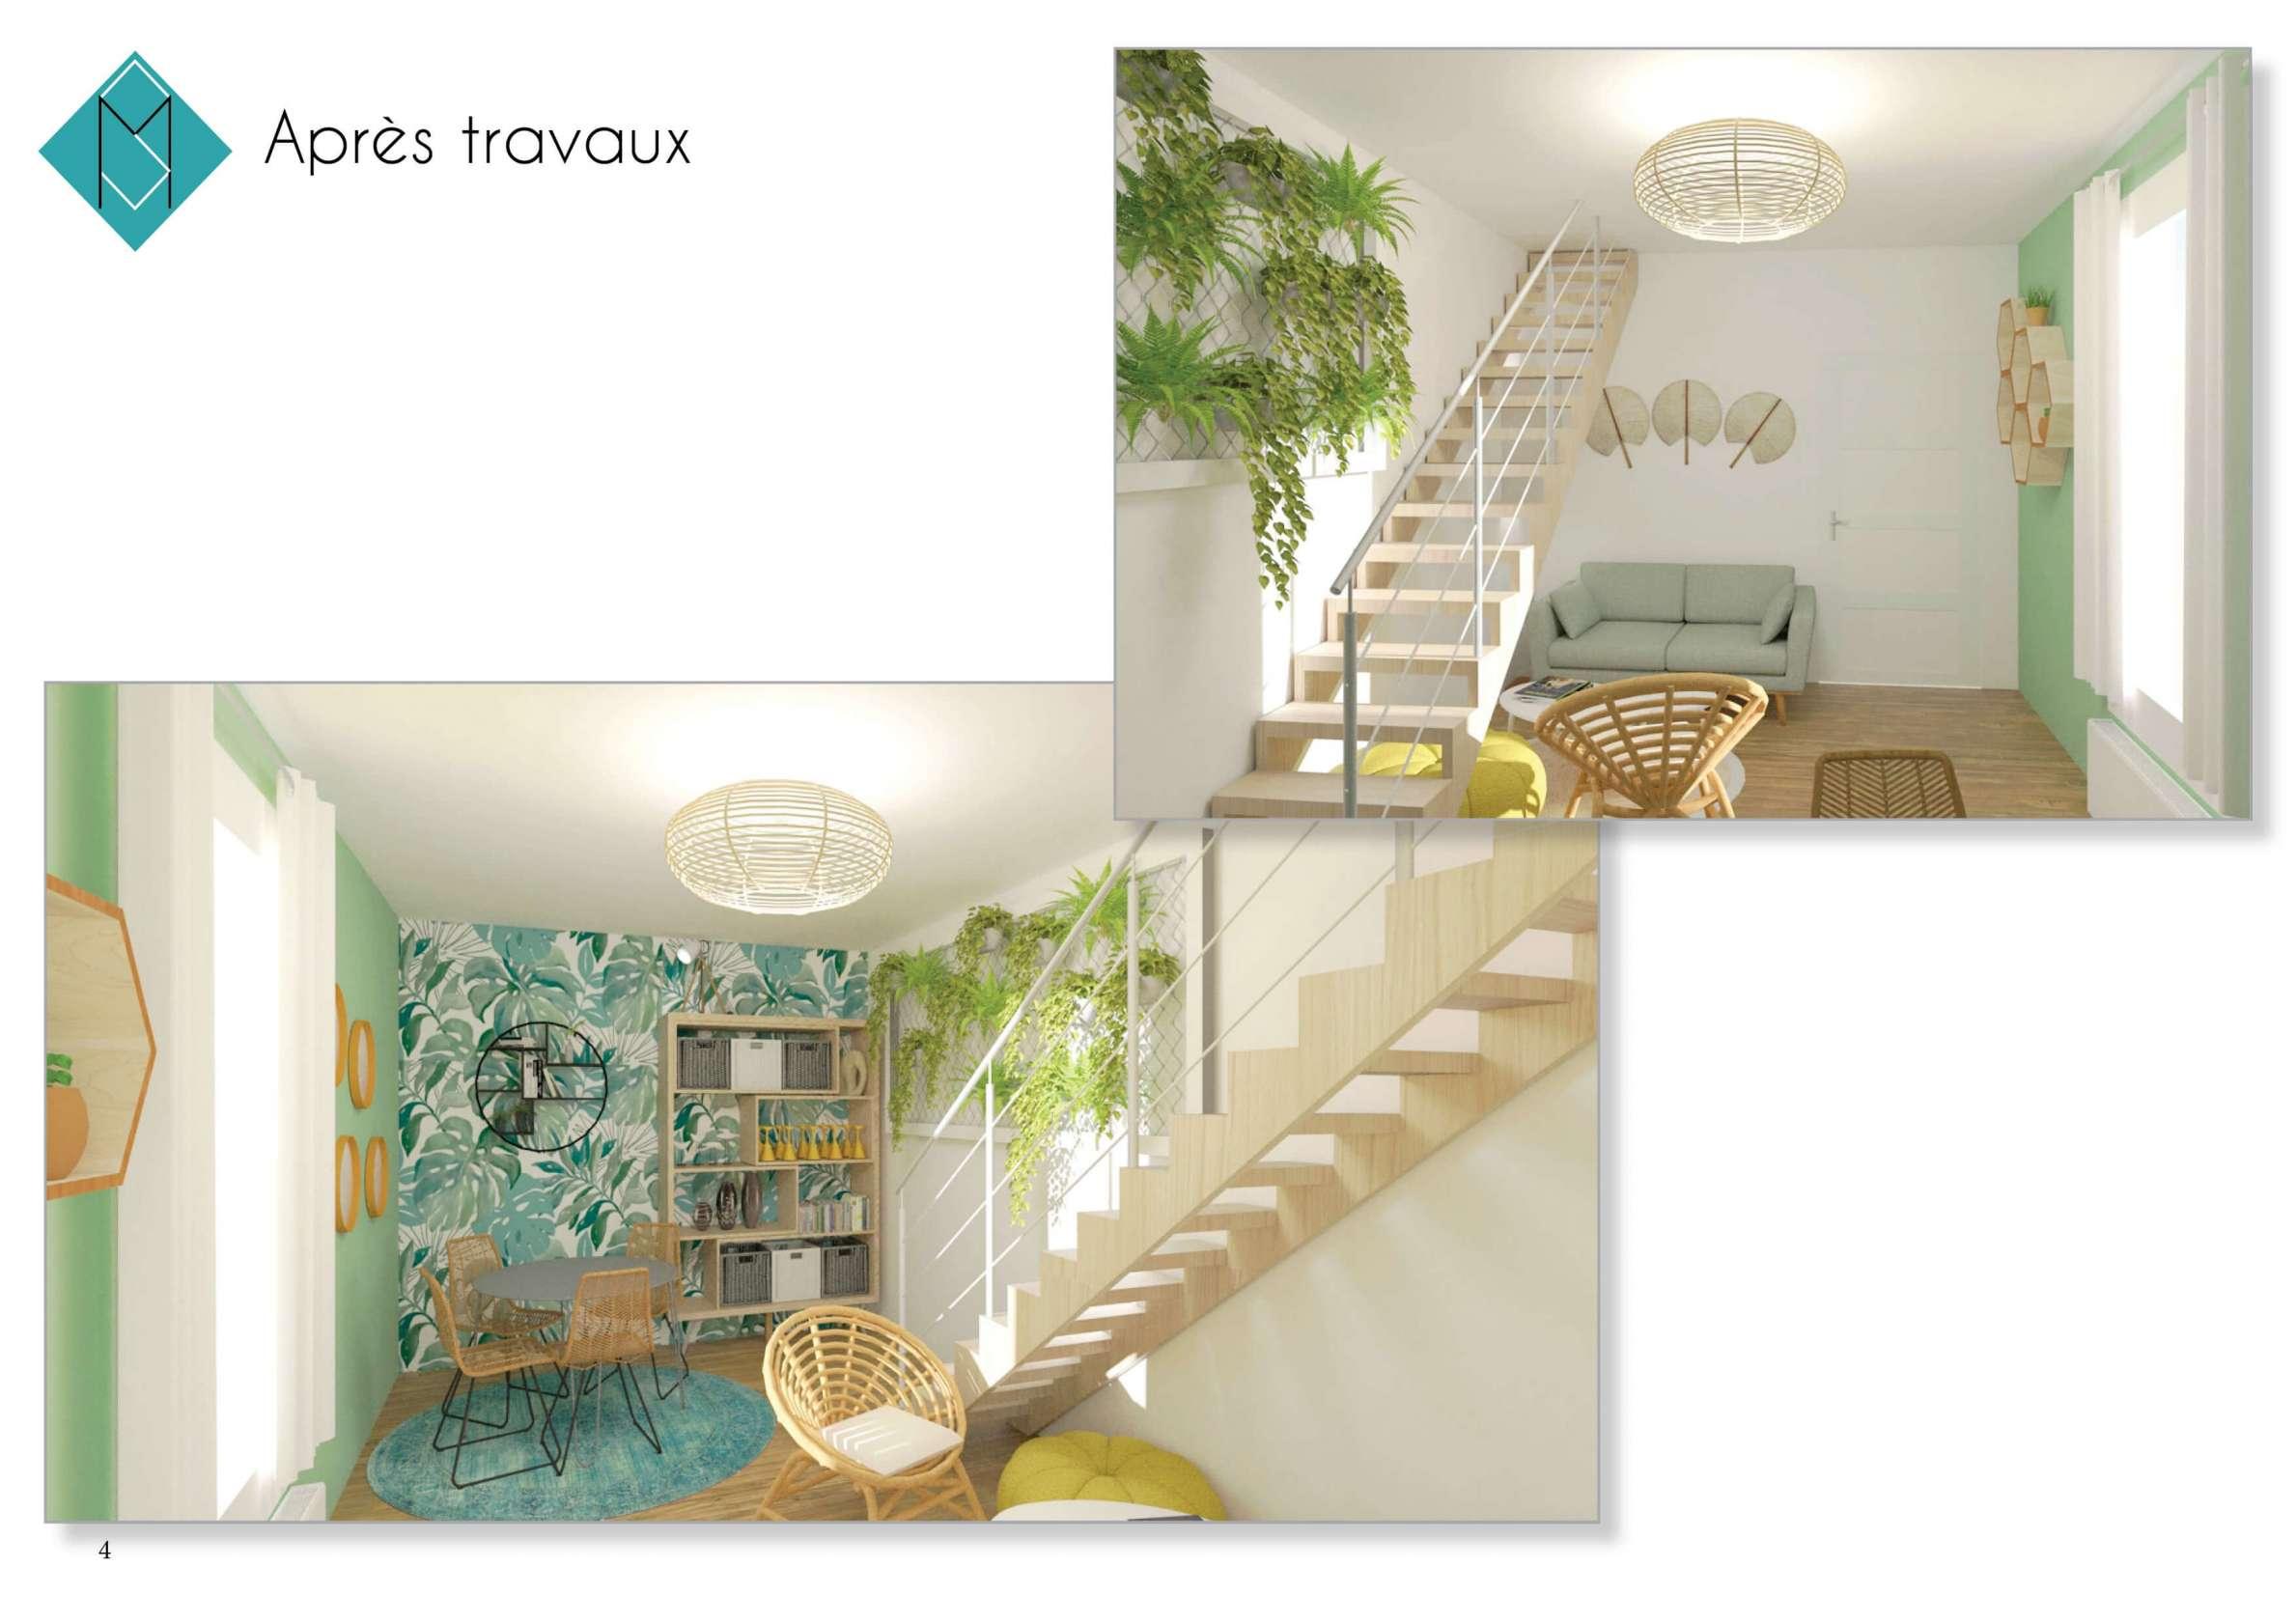 Rénovation et aménagement du salon dans un esprit jungle